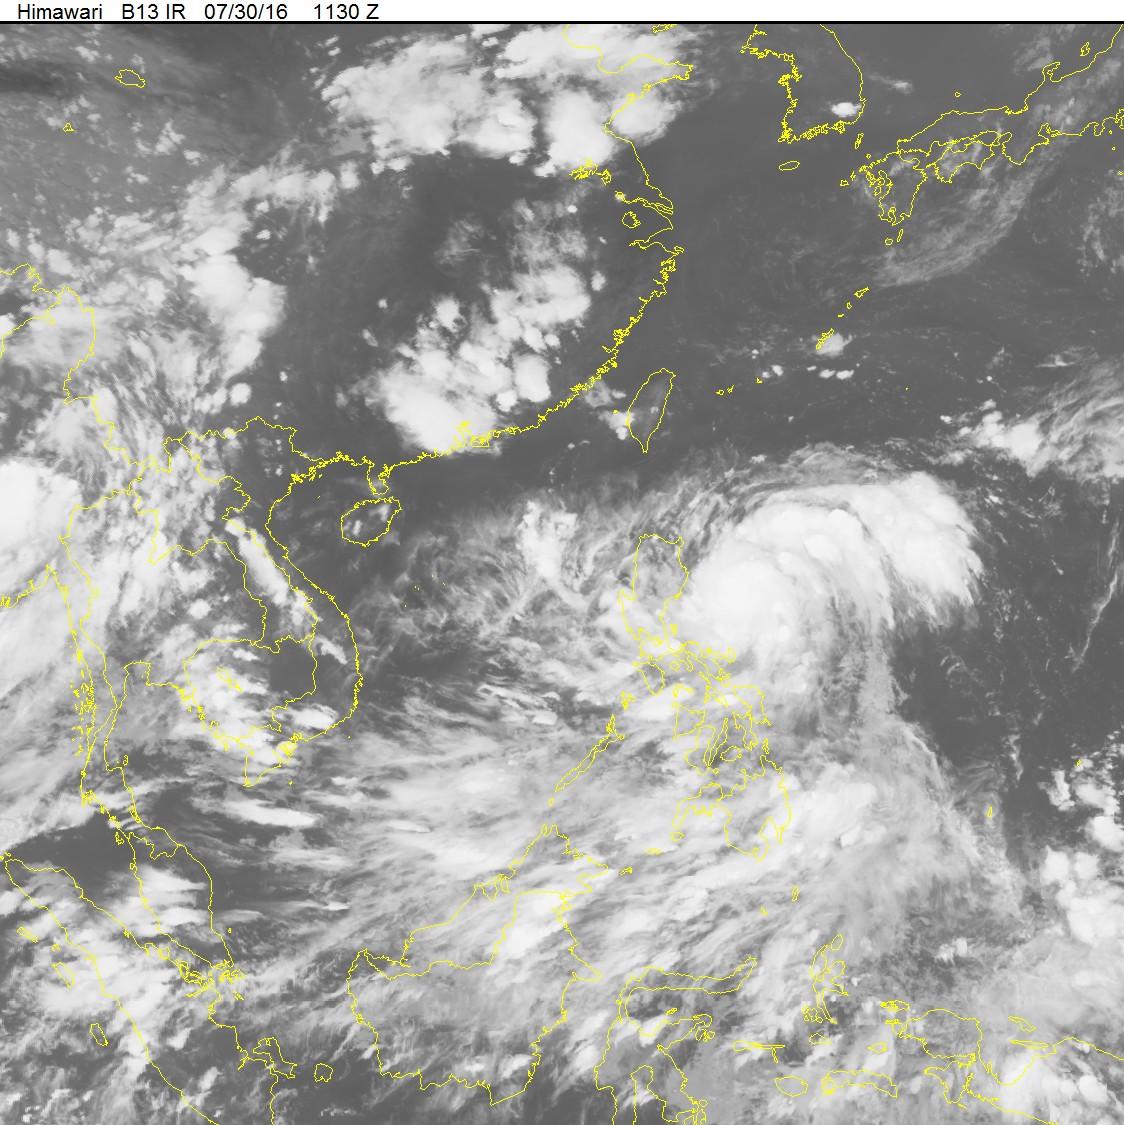 Bão gần Biển Đông, sức gió mạnh cấp 13, giật cấp 15-16 1